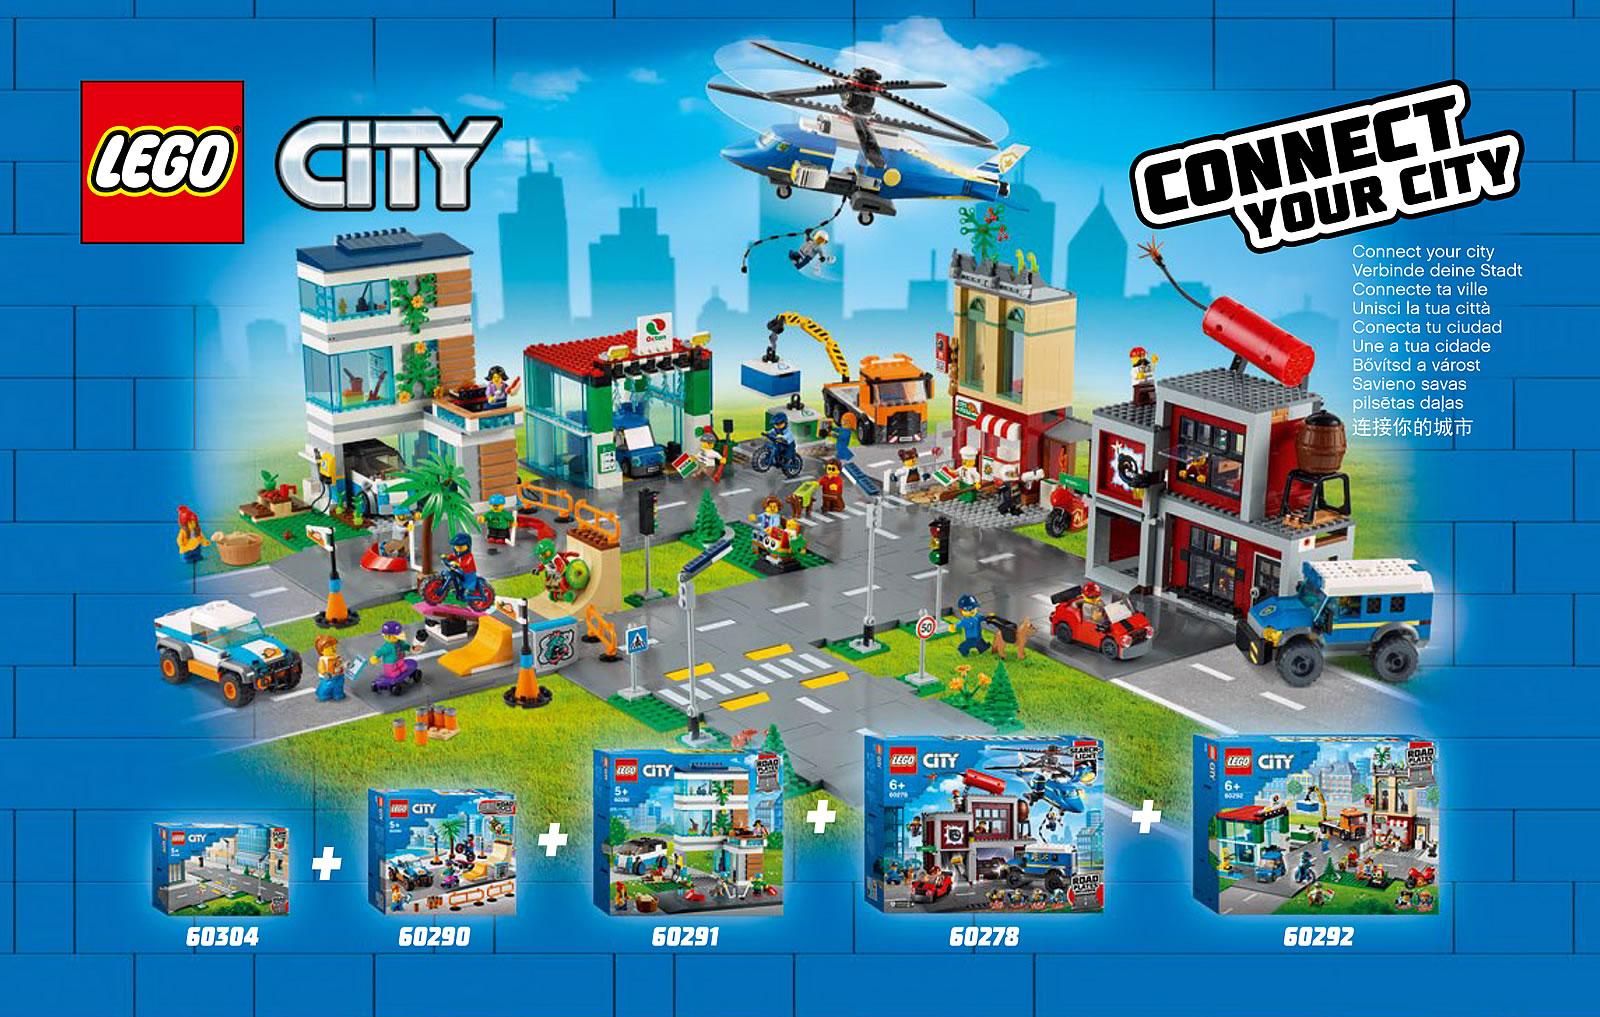 Nouveautés LEGO CITY 2021 : premier visuel du set 60278 ...